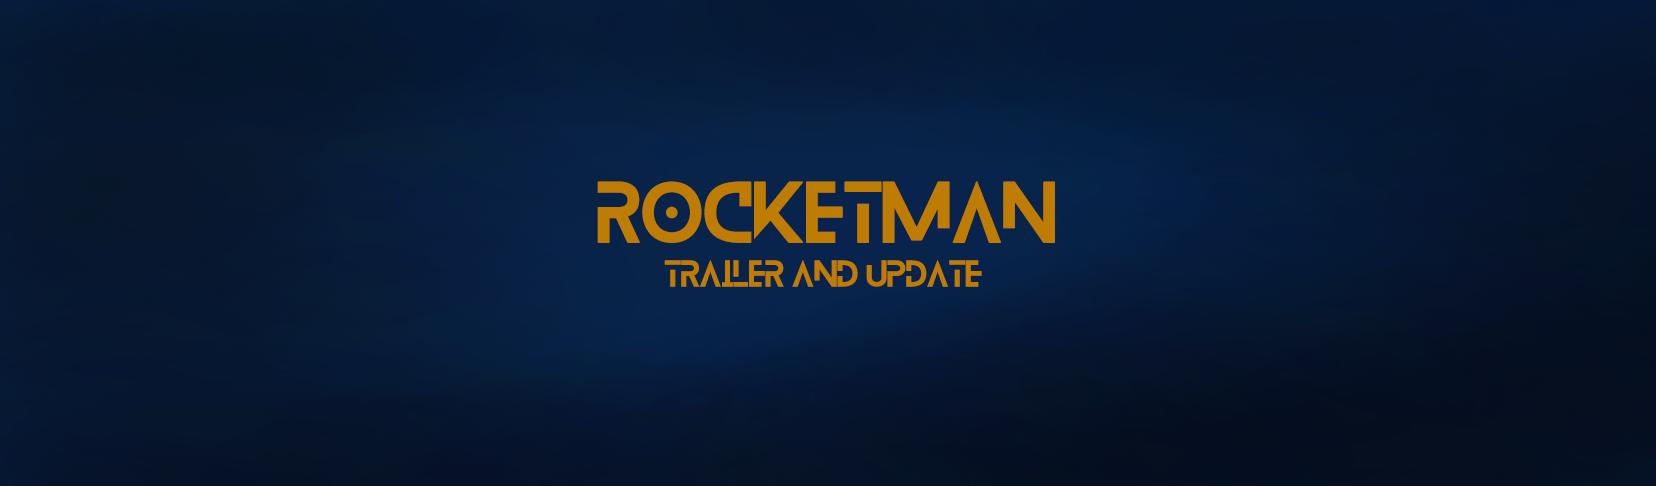 Rocketman Trailer and Update